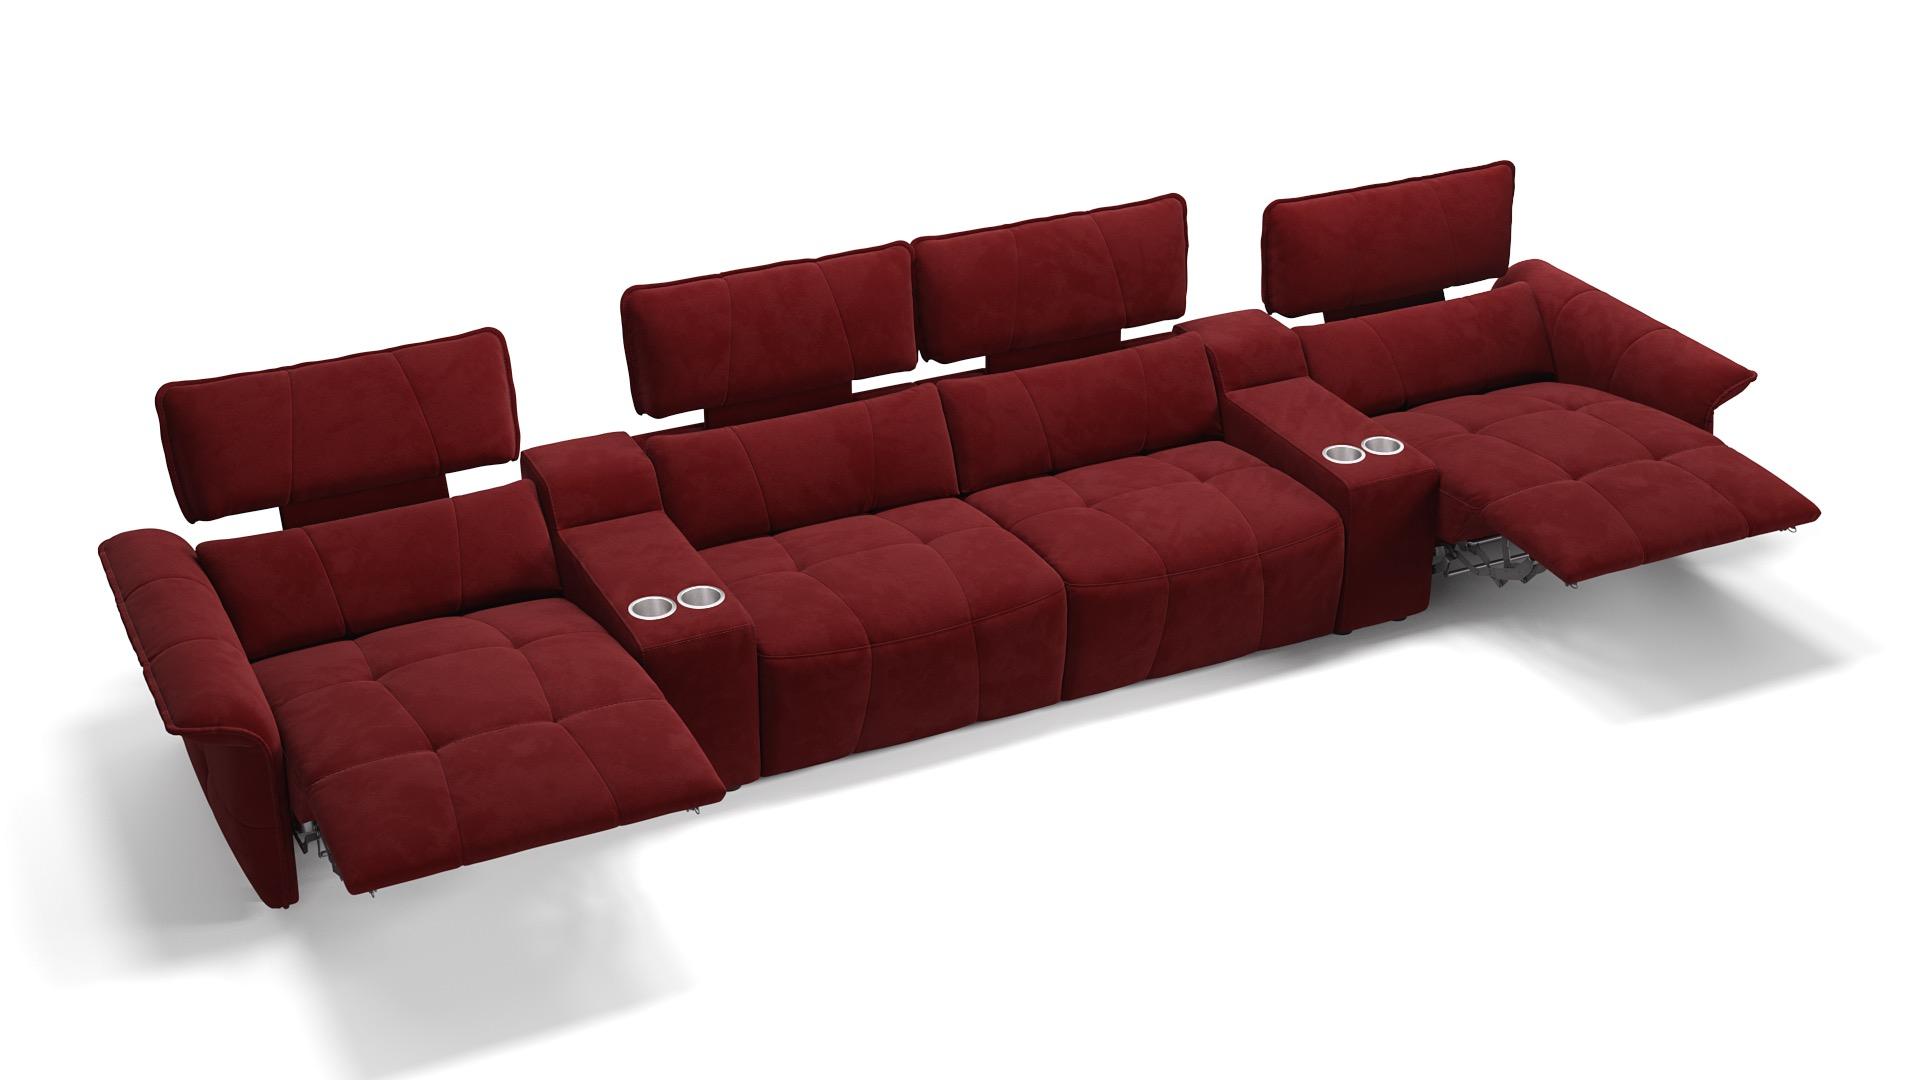 Stoff 4-Sitzer Kinosofa mit zwei Mittelkonsolen ADRIA